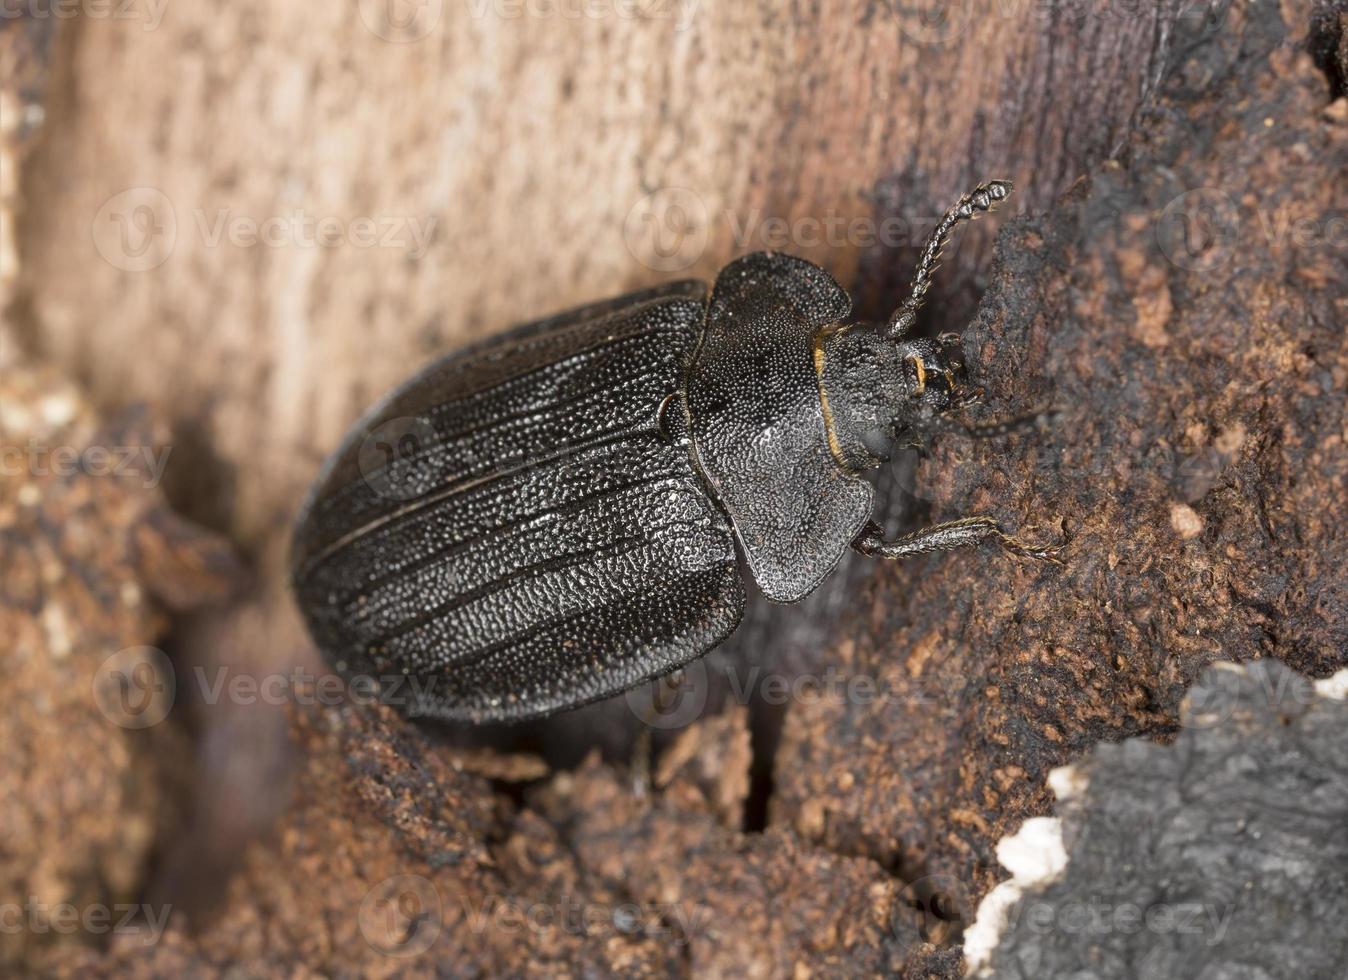 peltis grossa, trogossitidae en madera foto